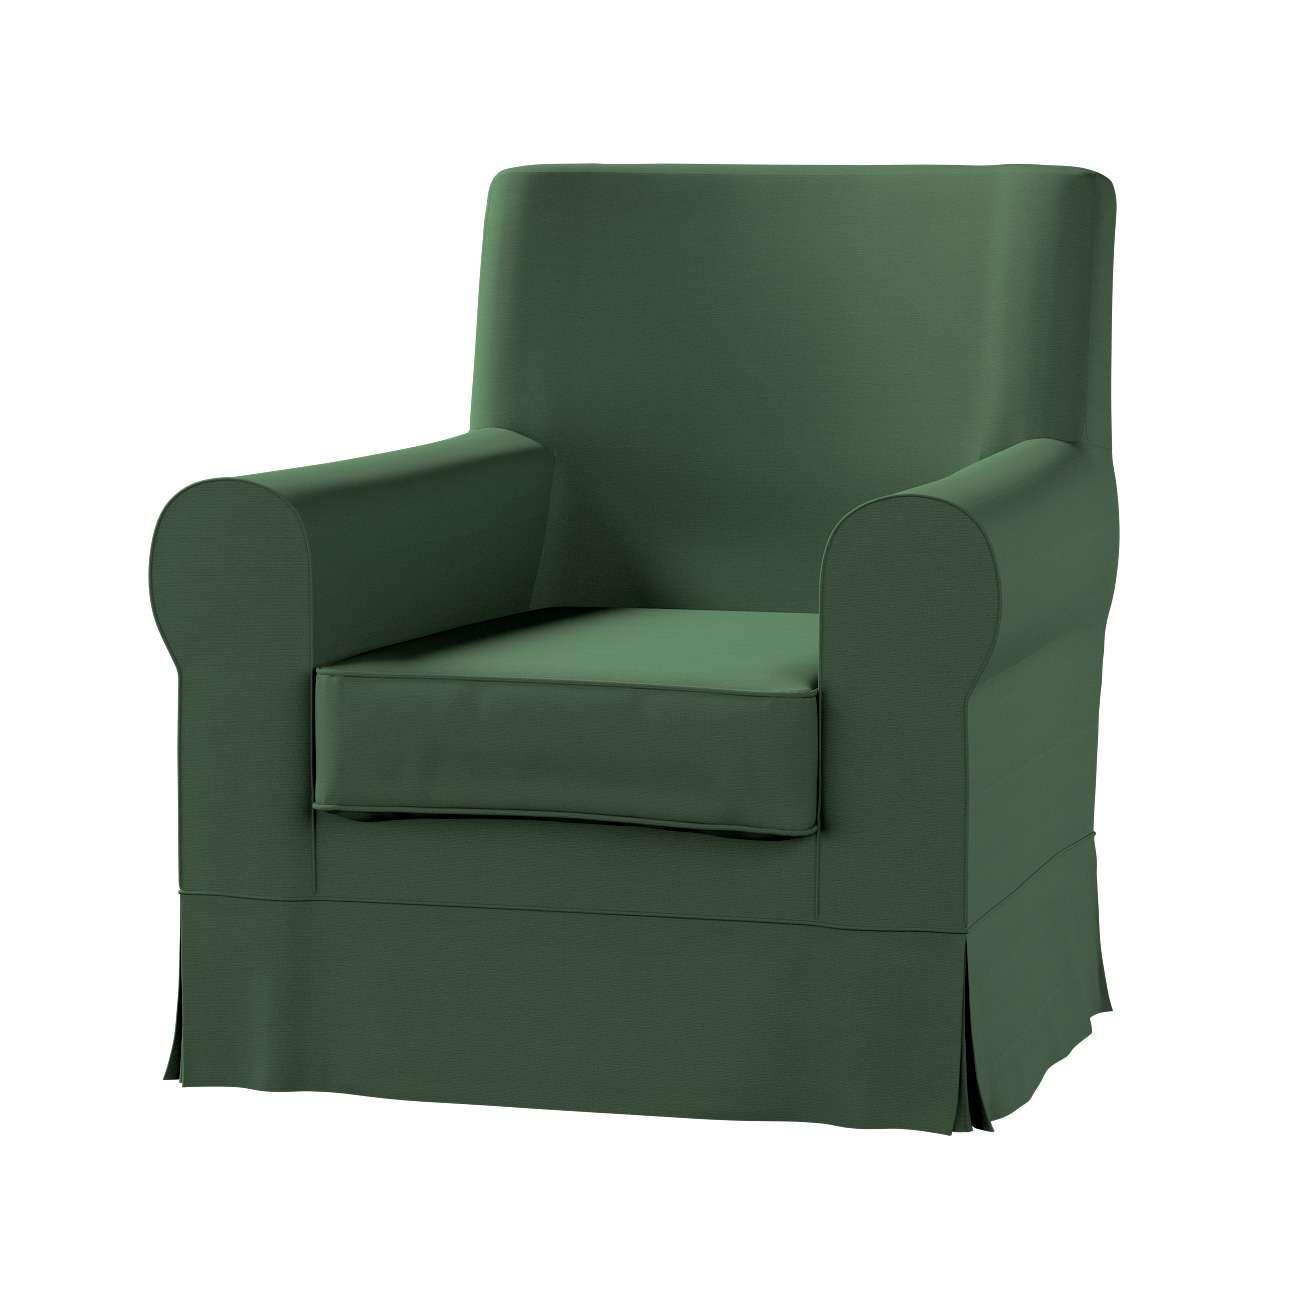 Pokrowiec na fotel Ektorp Jennylund Fotel Ektorp Jennylund w kolekcji Cotton Panama, tkanina: 702-06